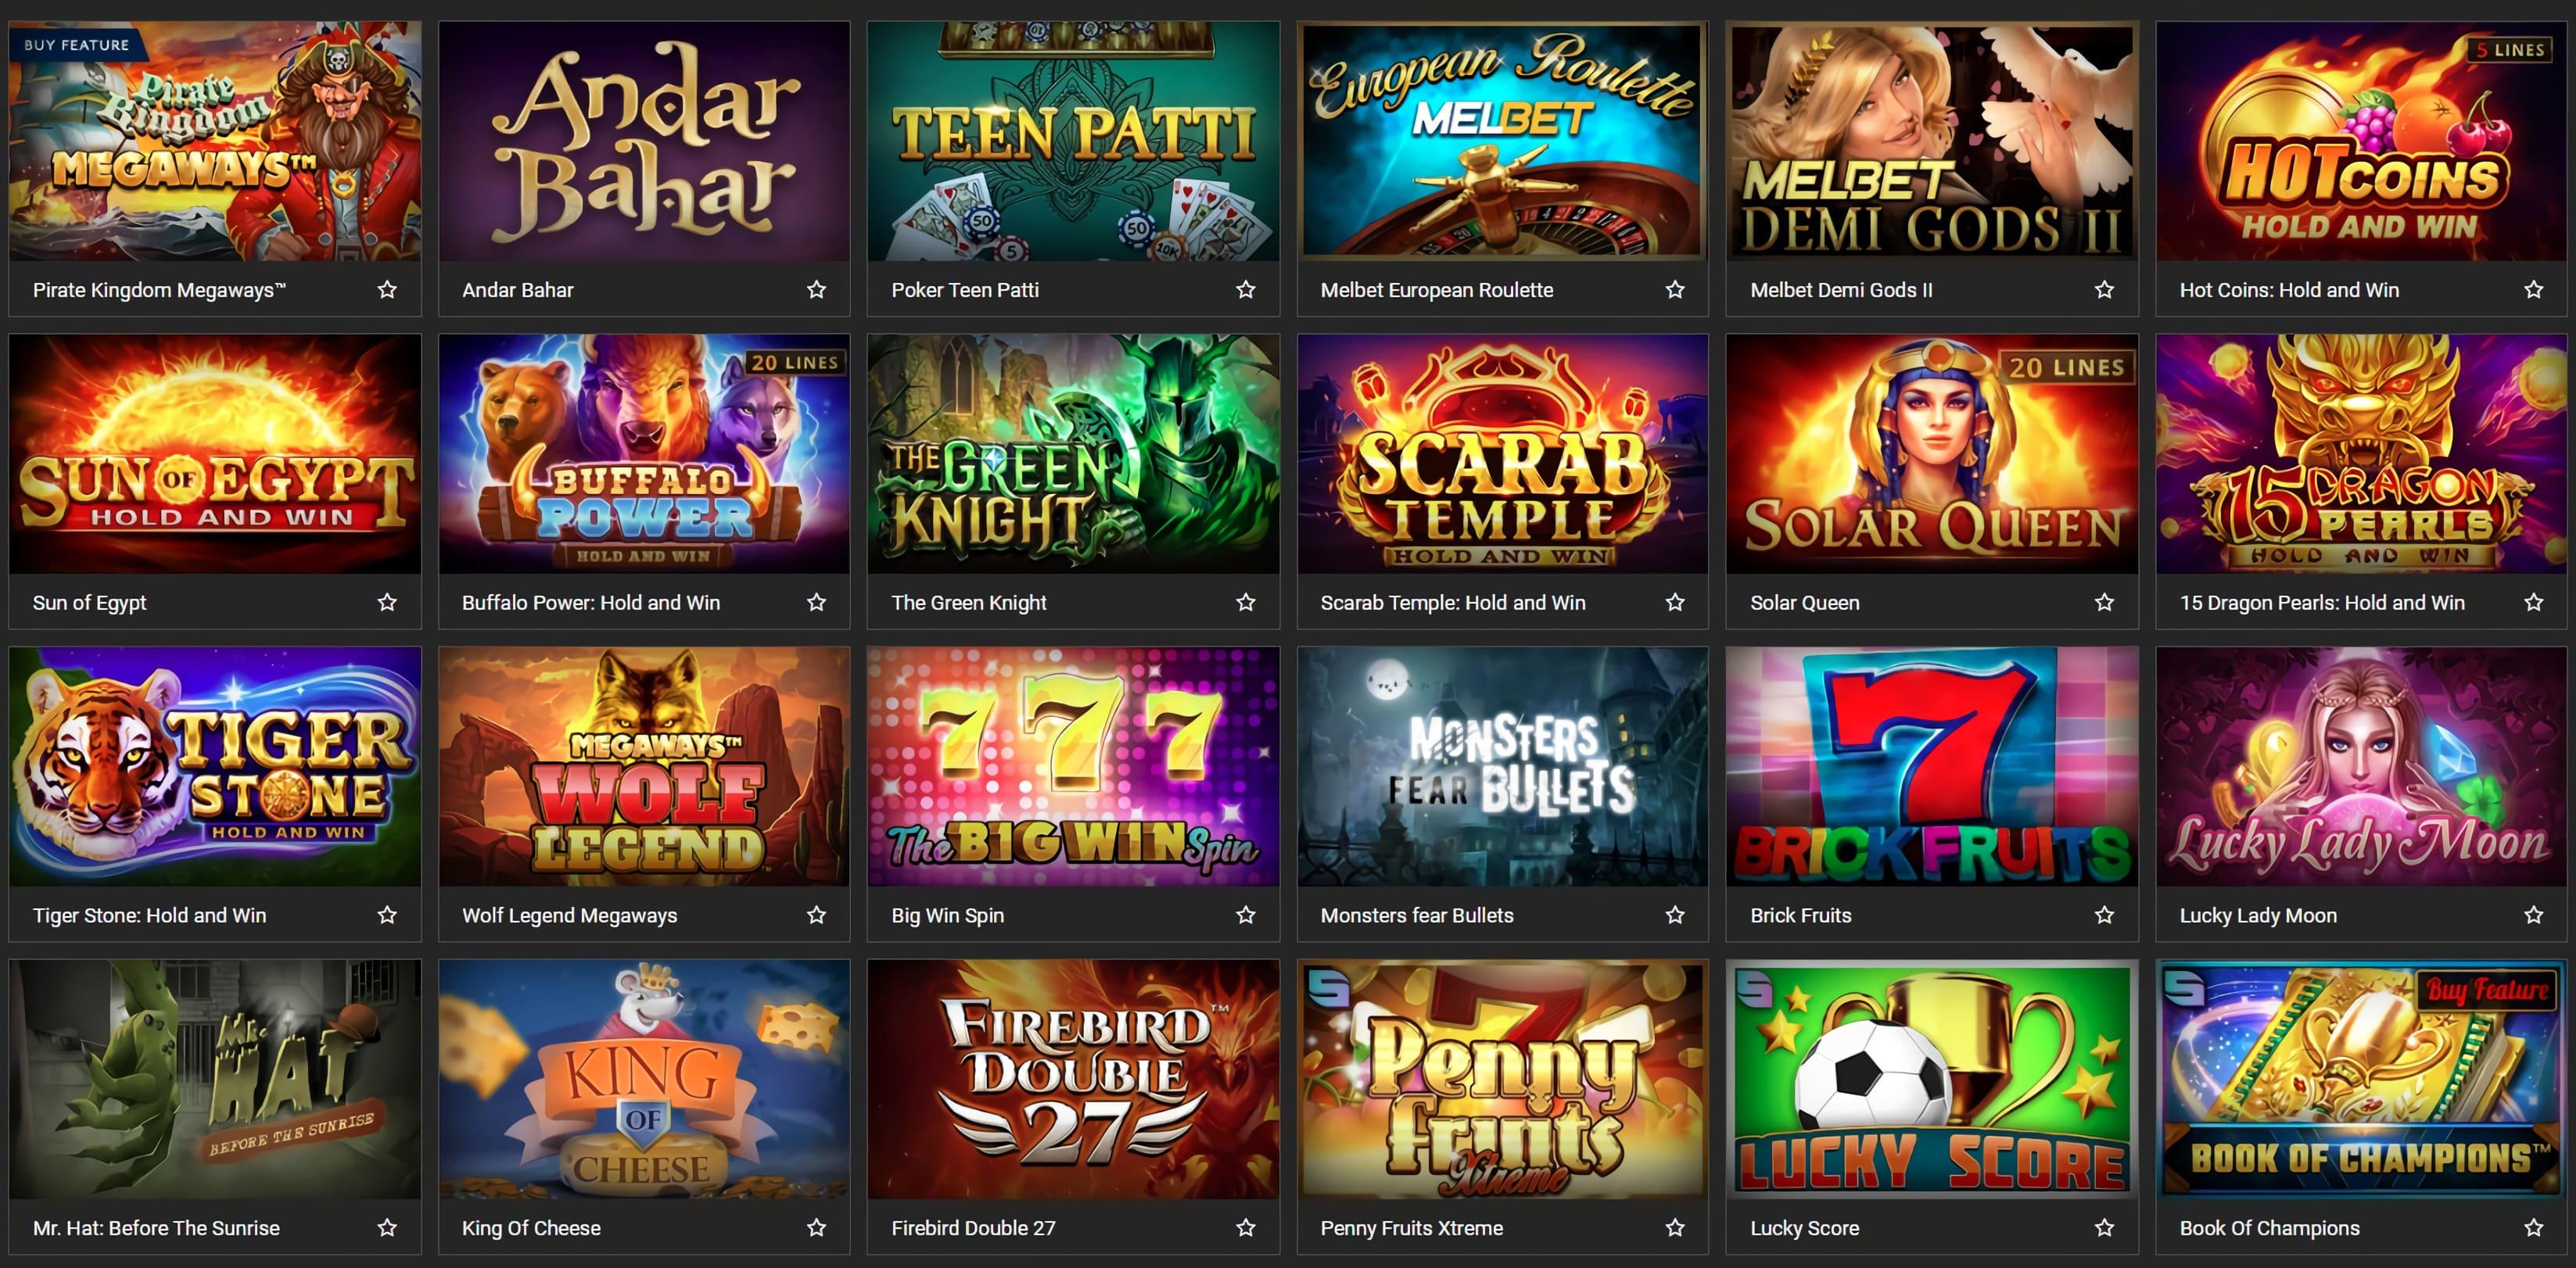 Melbet casino online in India